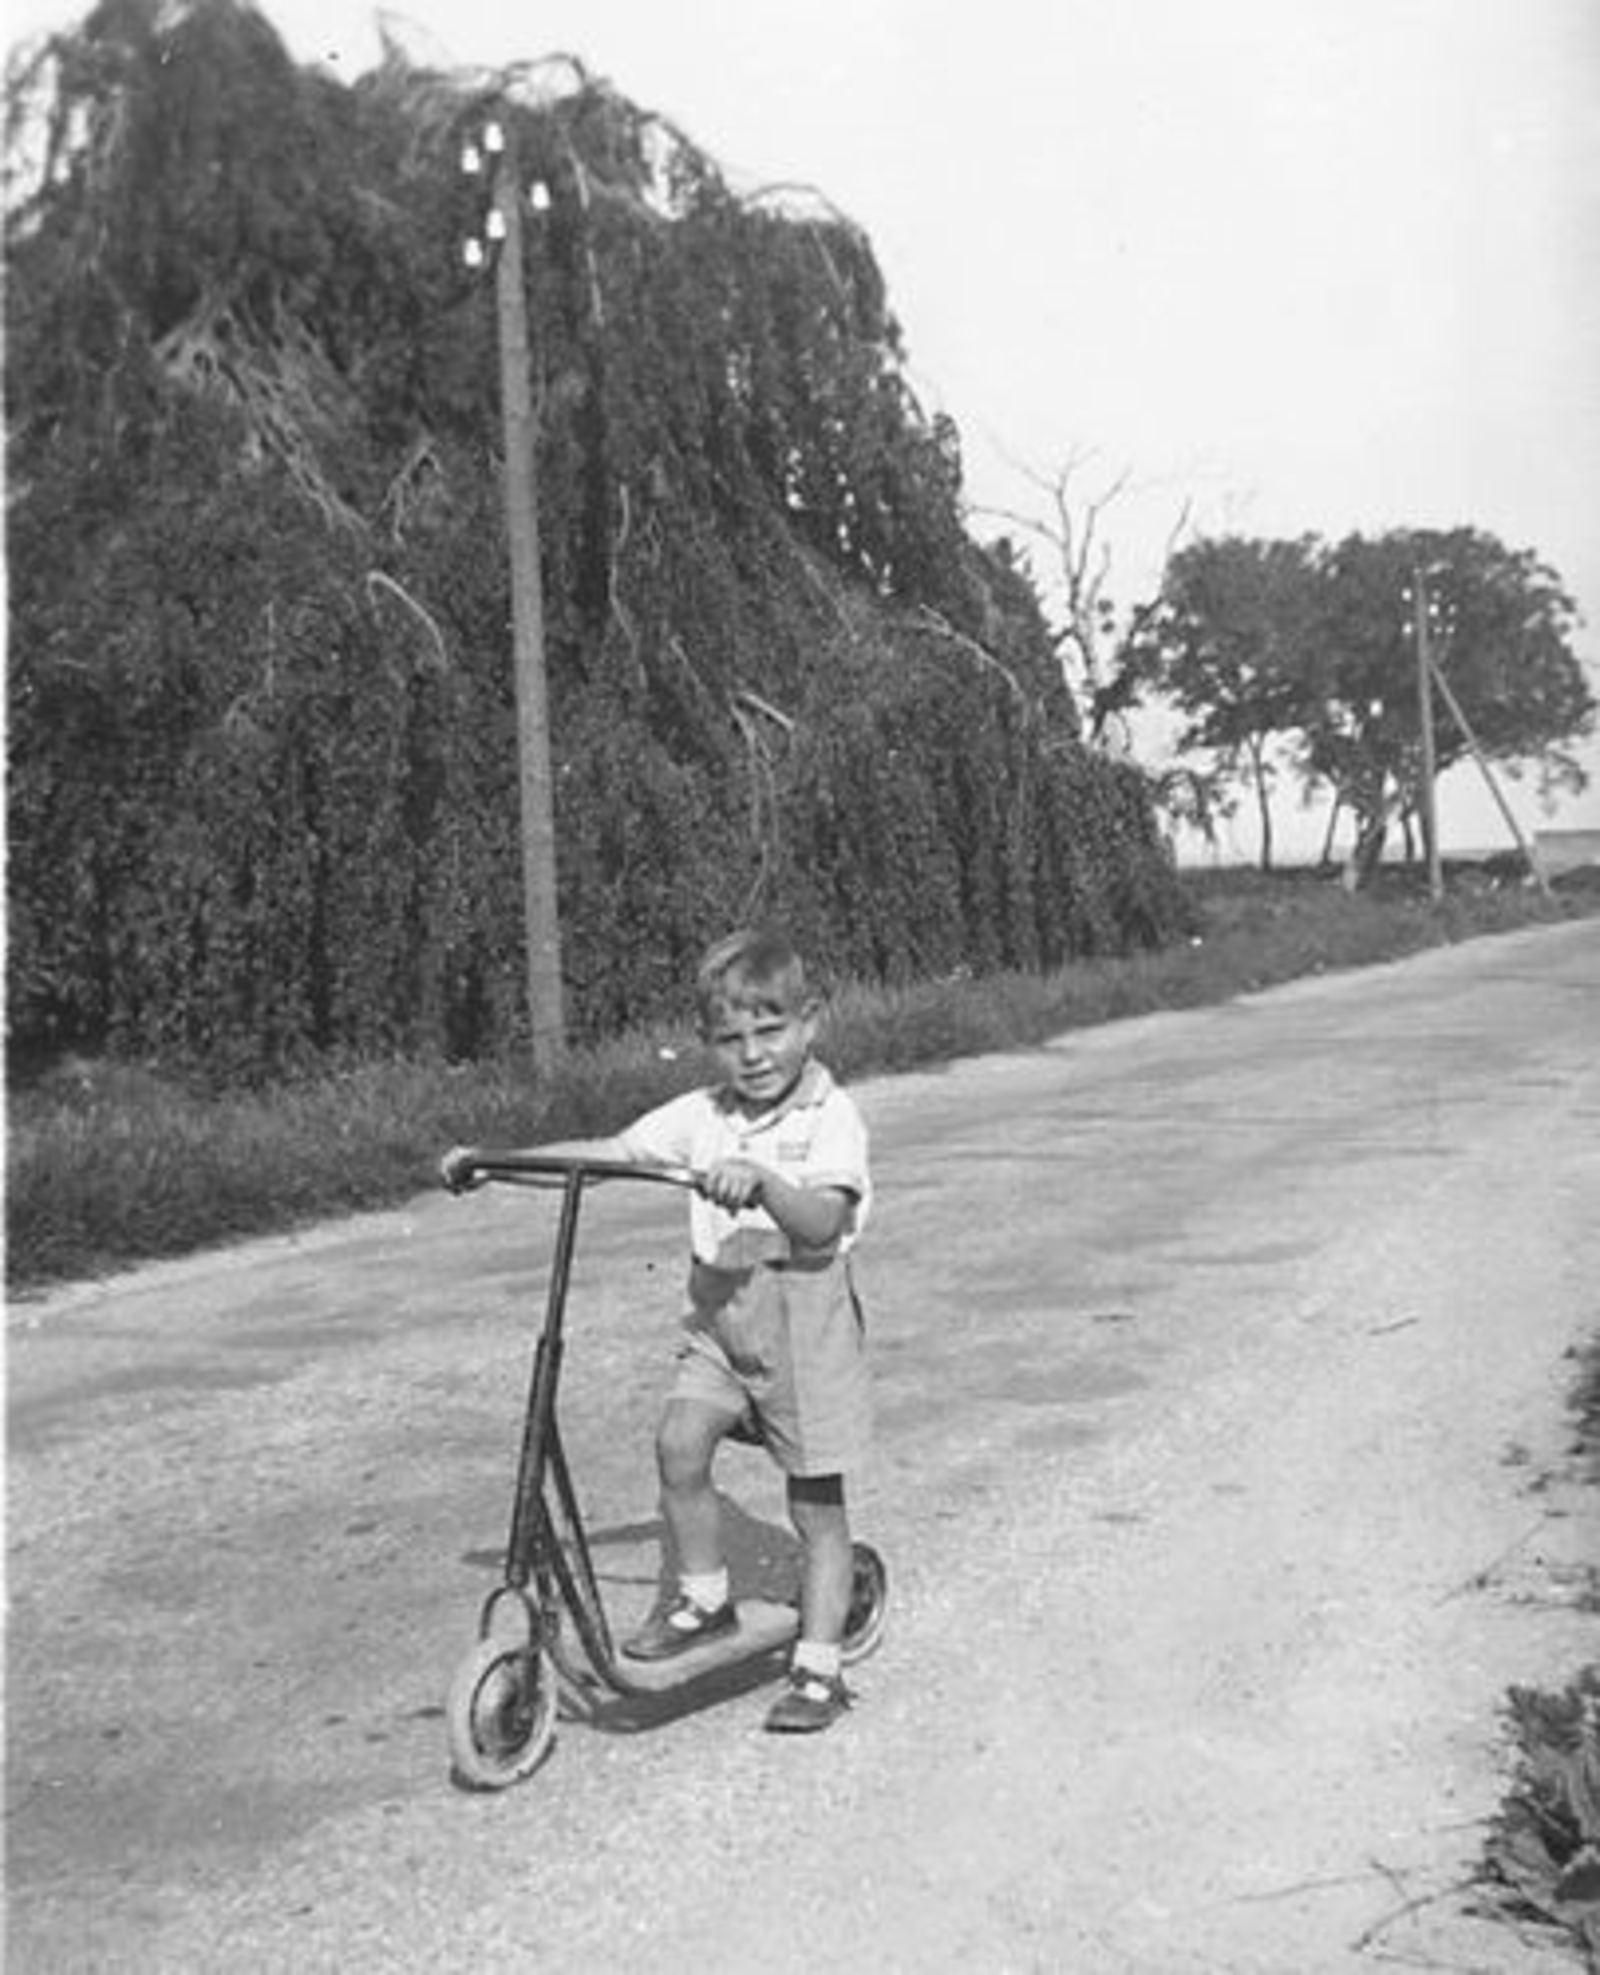 Vijfhuizerweg 0199+ 1947± met Familie Bram Stieva 07